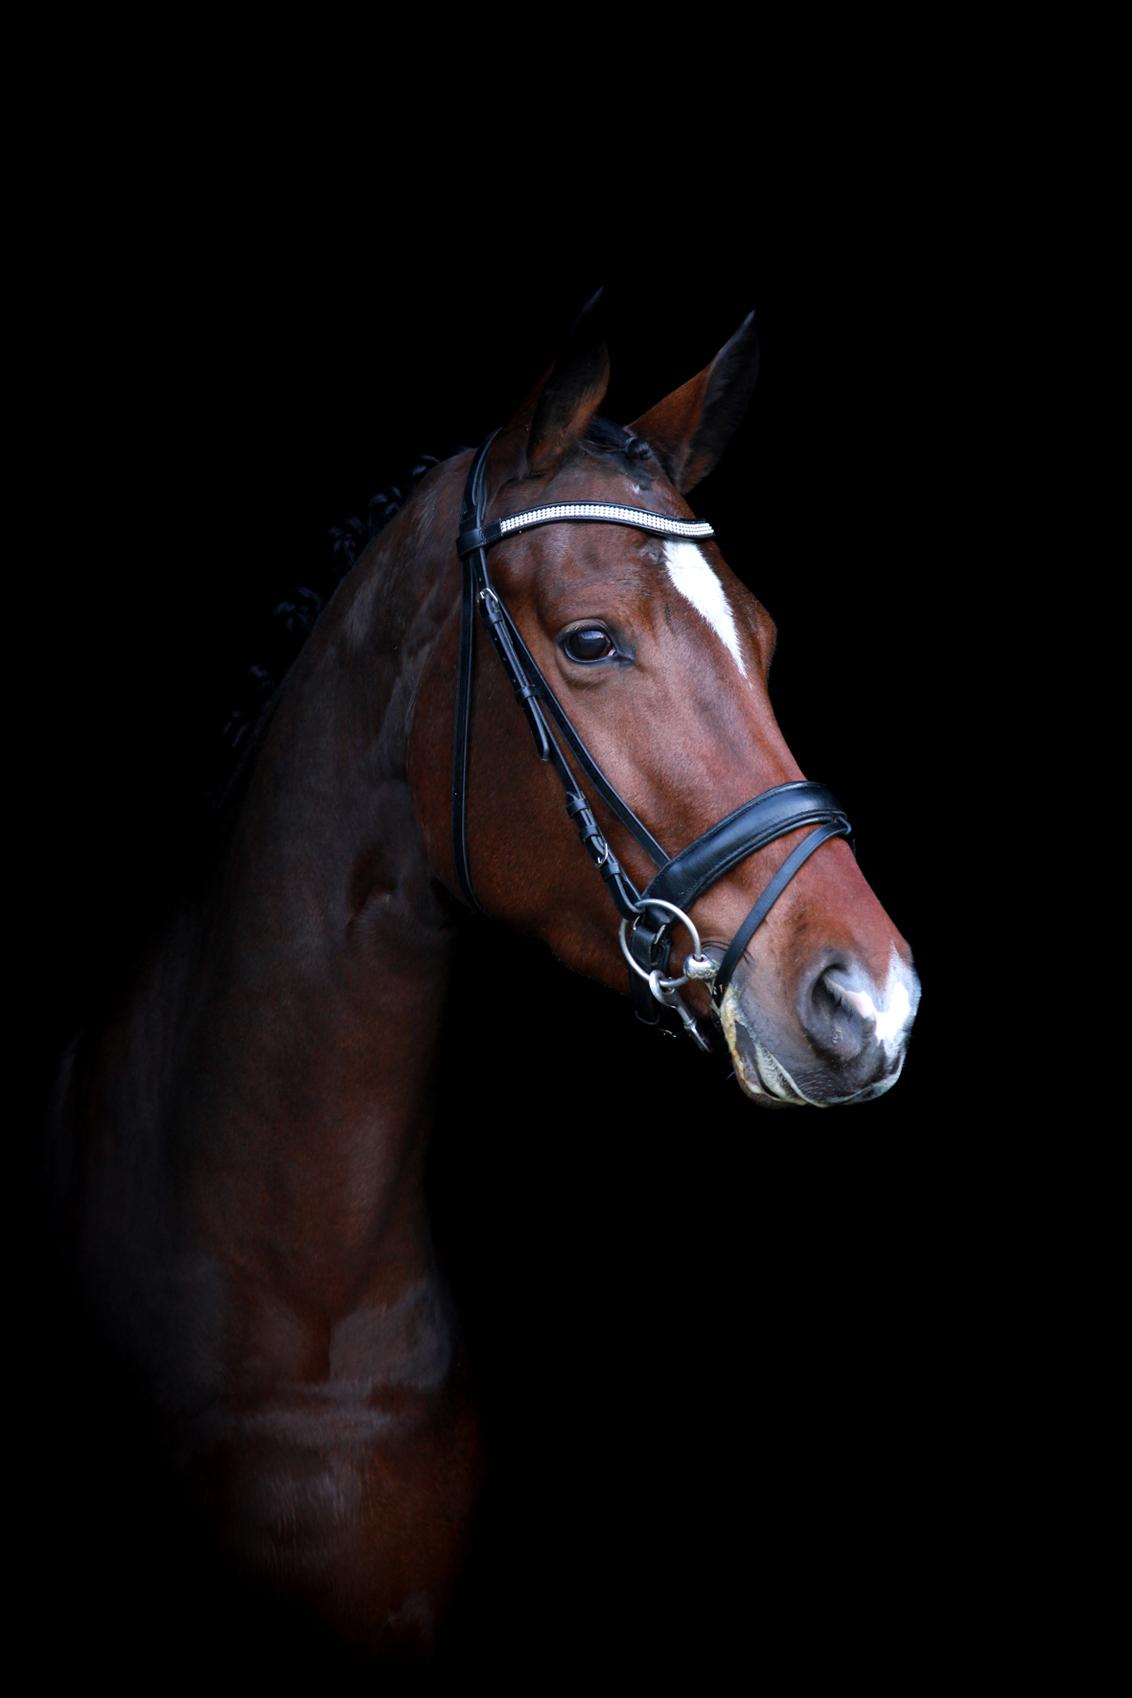 Yes gelukt - Al heel lang wilde ik een foto maken van een paarden hoofd met een zwarte achtergrond je ziet ze wel eens staan in die mooie paarden bladen maar ik w - foto door cibjen op 24-11-2013